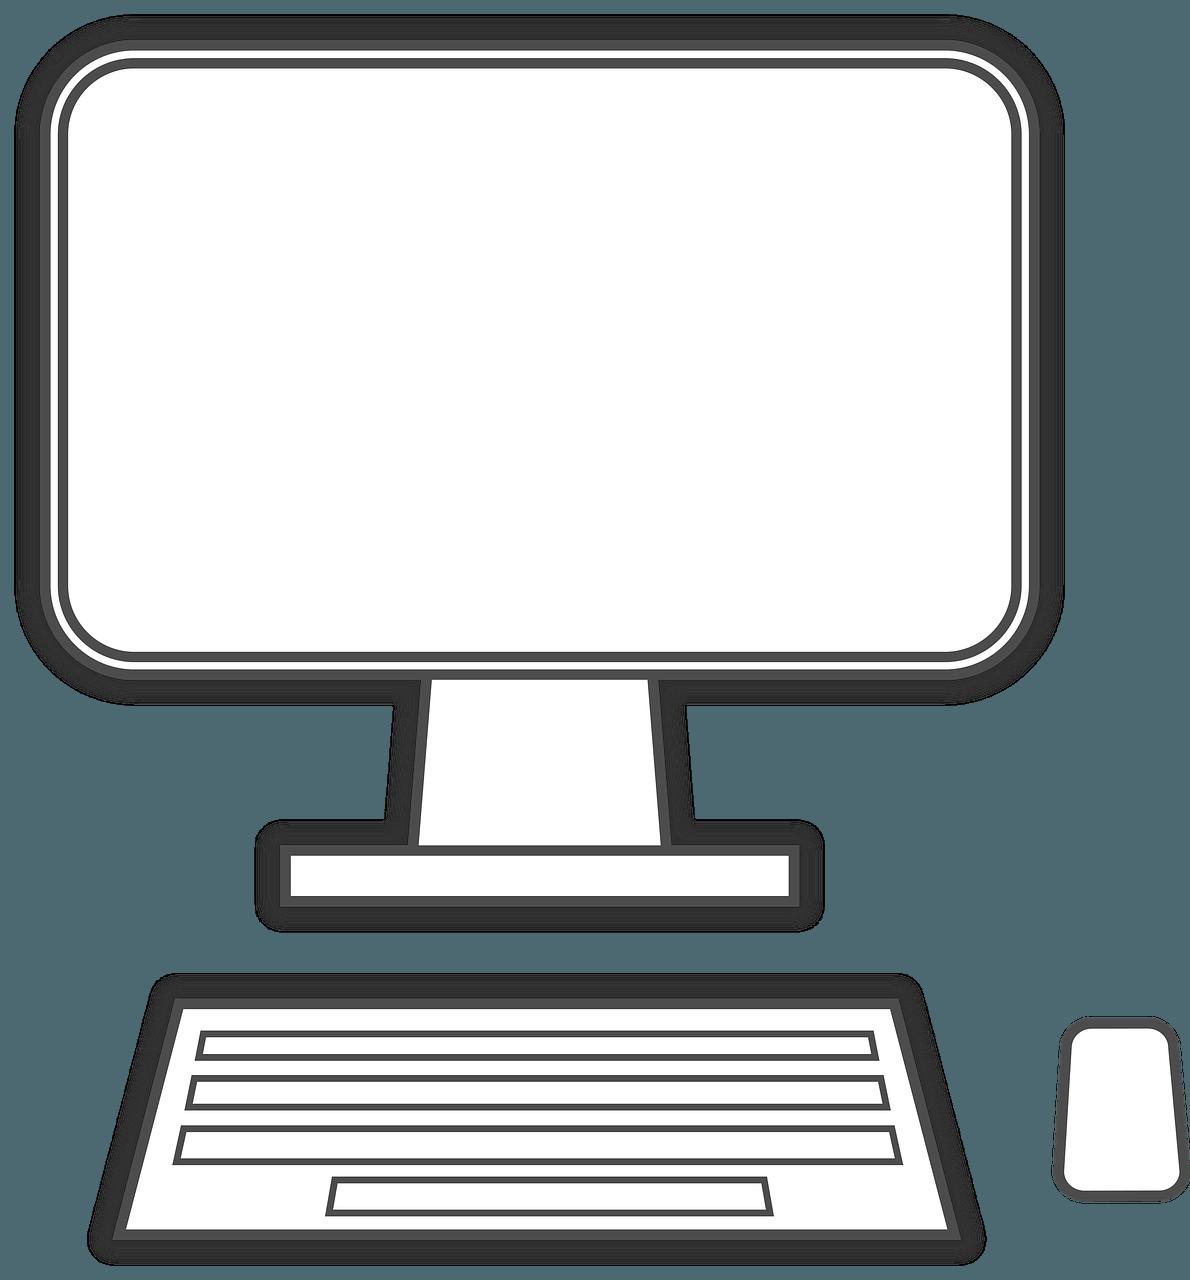 computer-2893112_1280